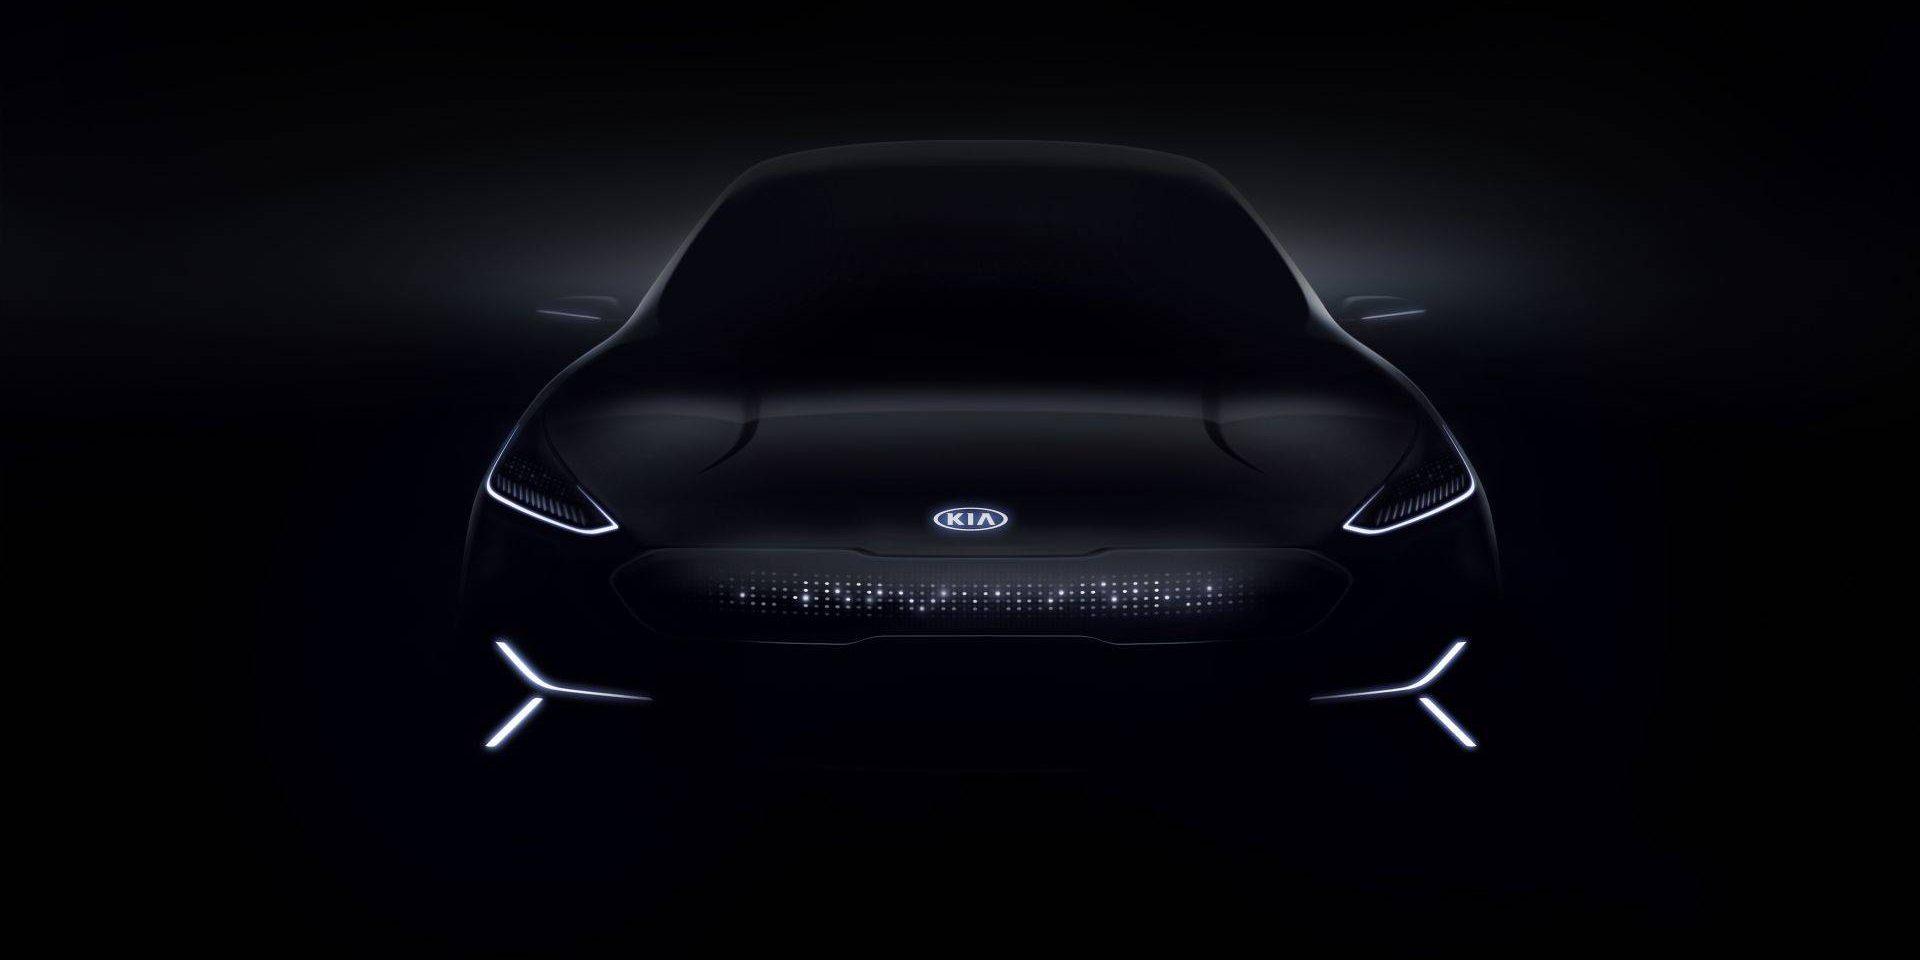 Hamarosan érkezik a Kia tisztán elektromos-meghajtású autója